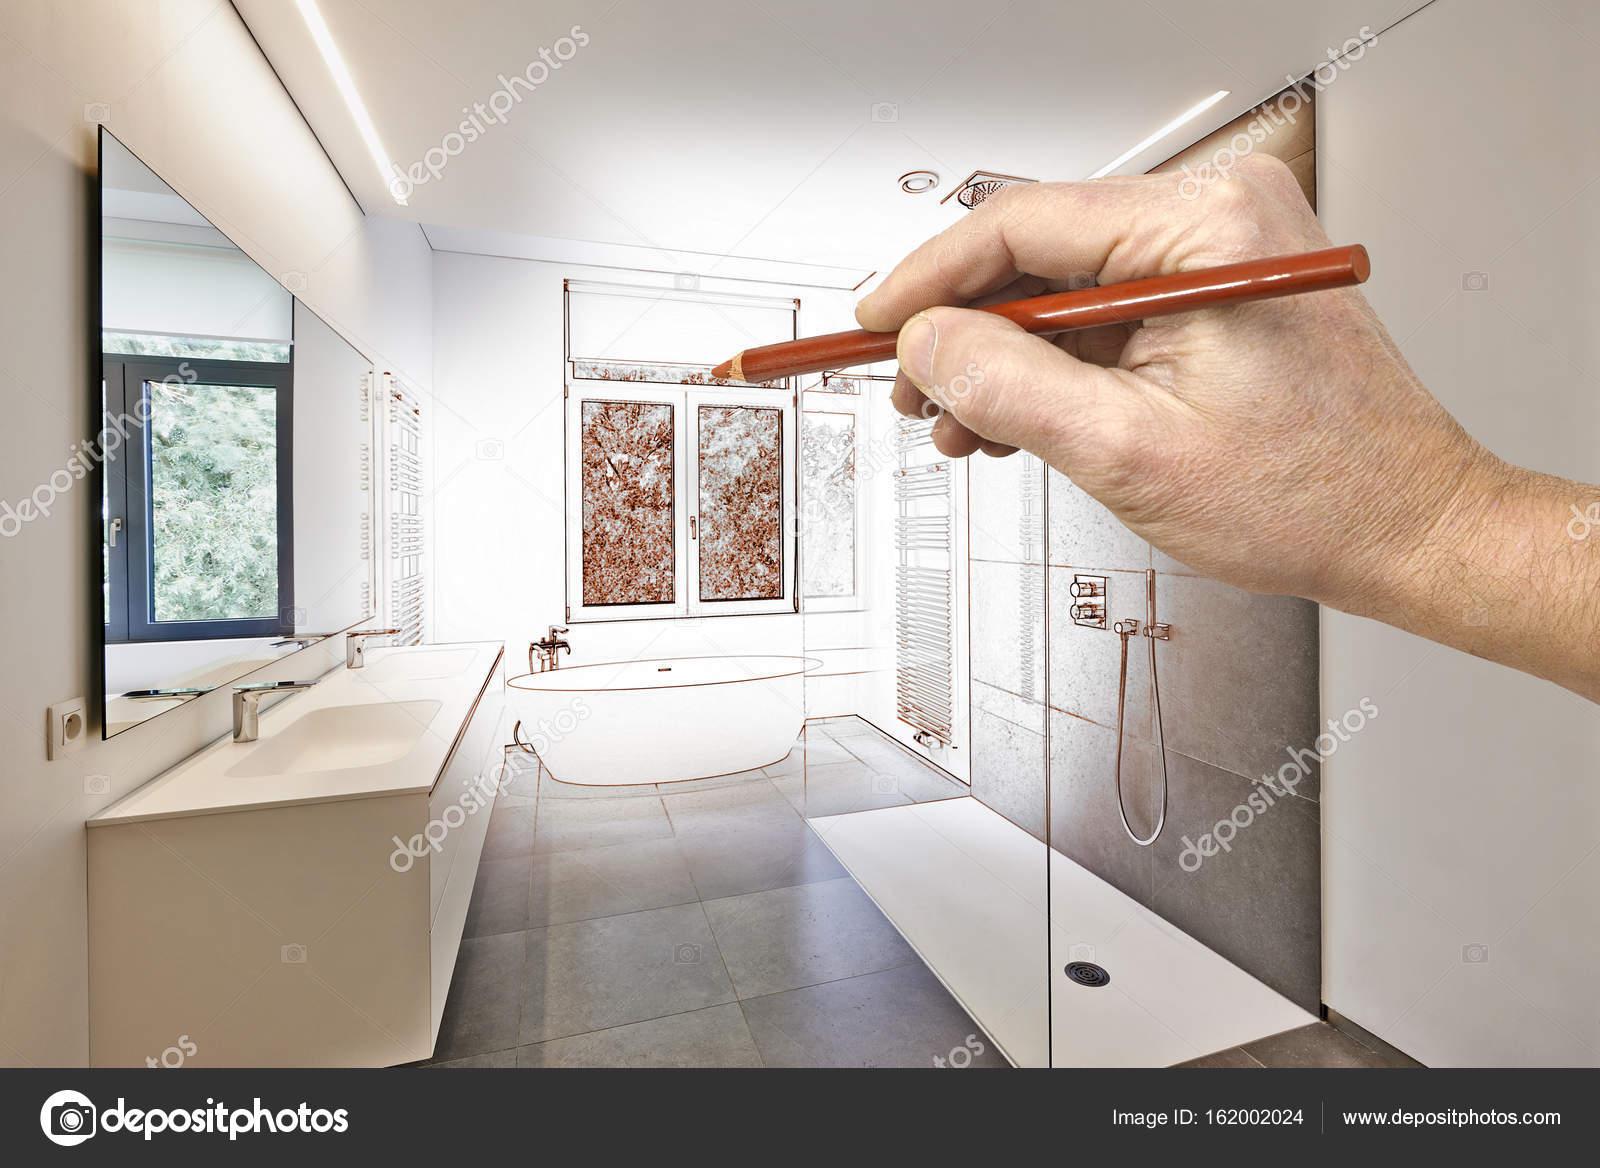 Vasca Da Bagno Disegno : Lavori di restauro di un lussuoso bagno moderno di disegno u foto